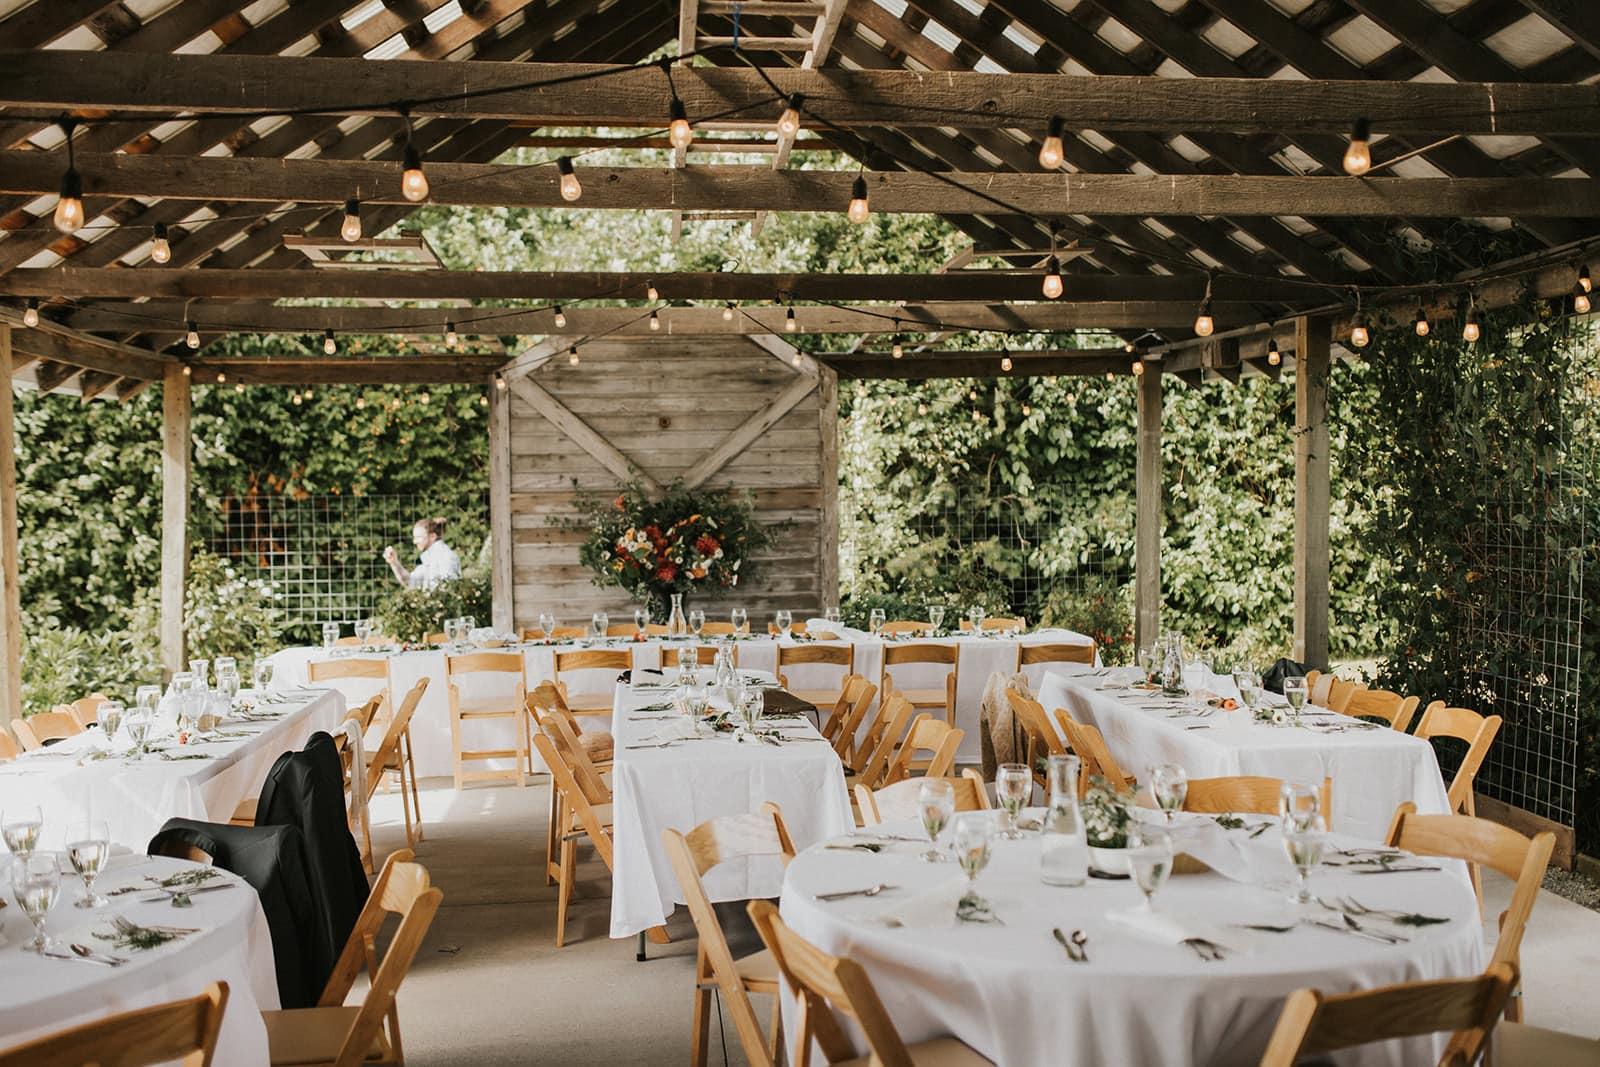 indoor outdoor wedding venue space at faberfarm